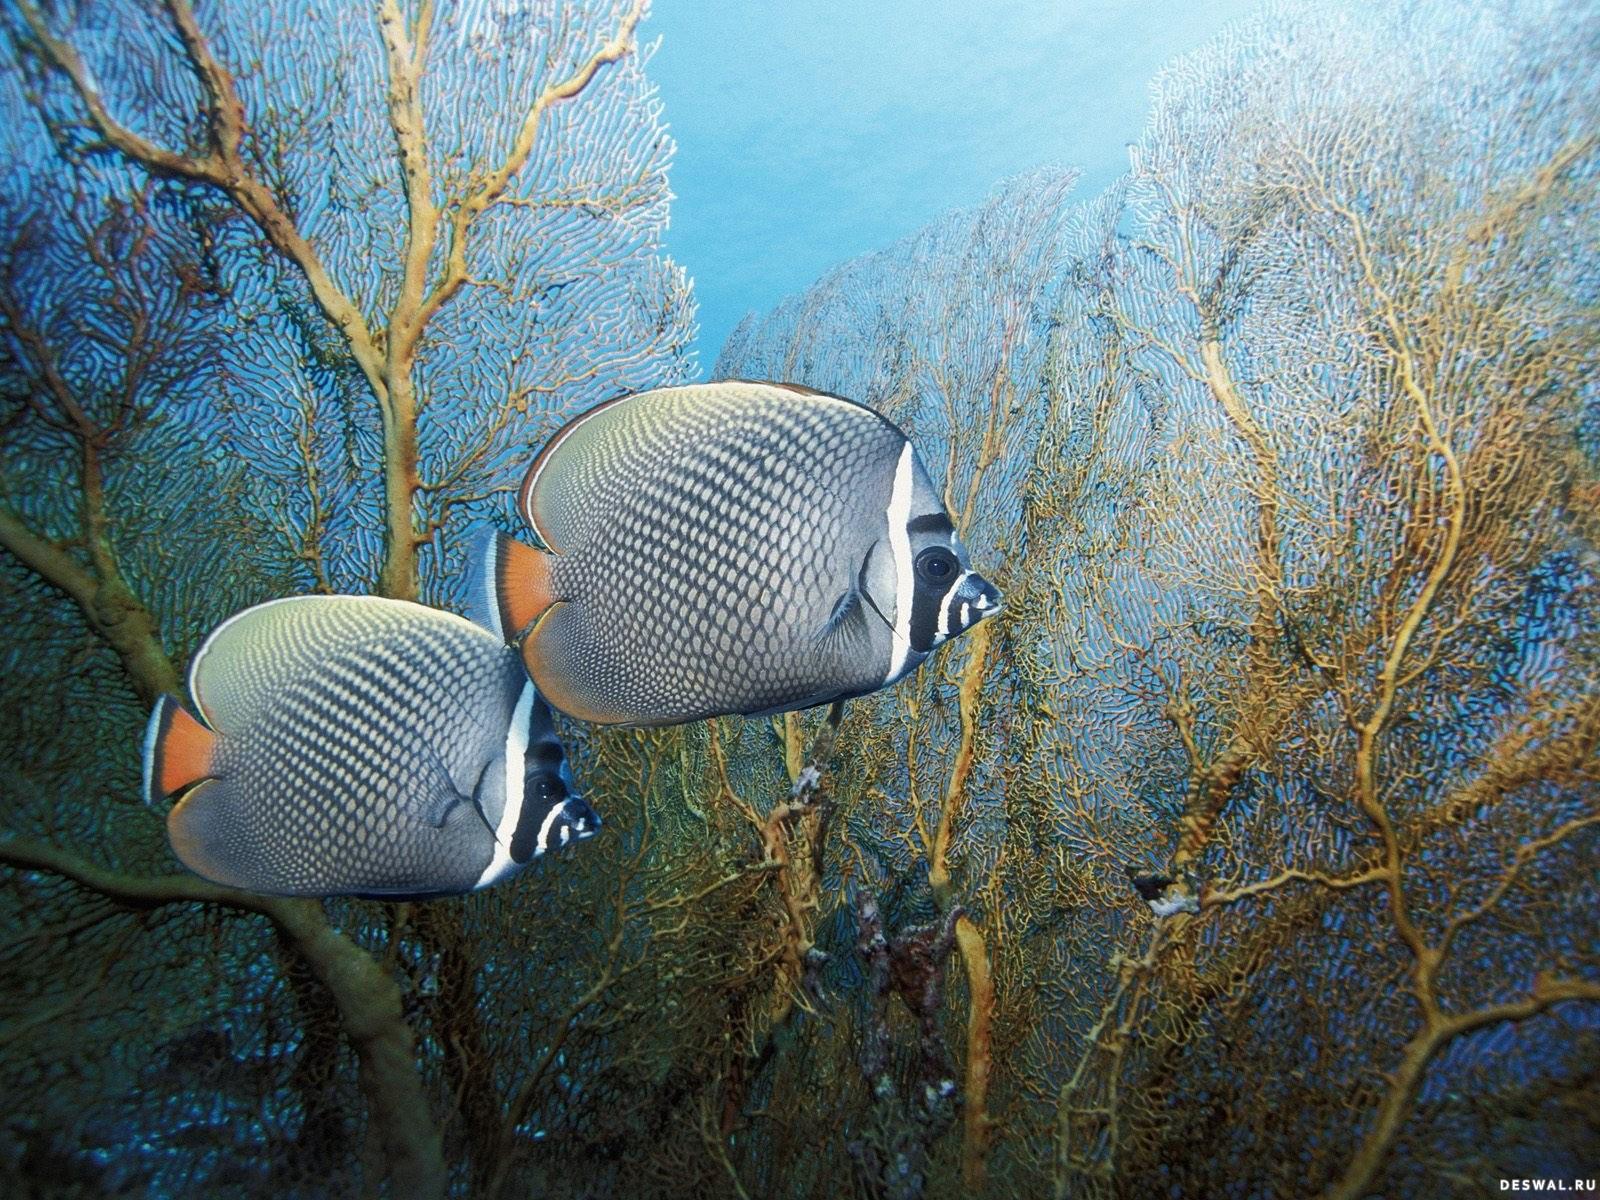 Фото 25. Нажмите на картинку с обоями подводного мира, чтобы просмотреть ее в реальном размере